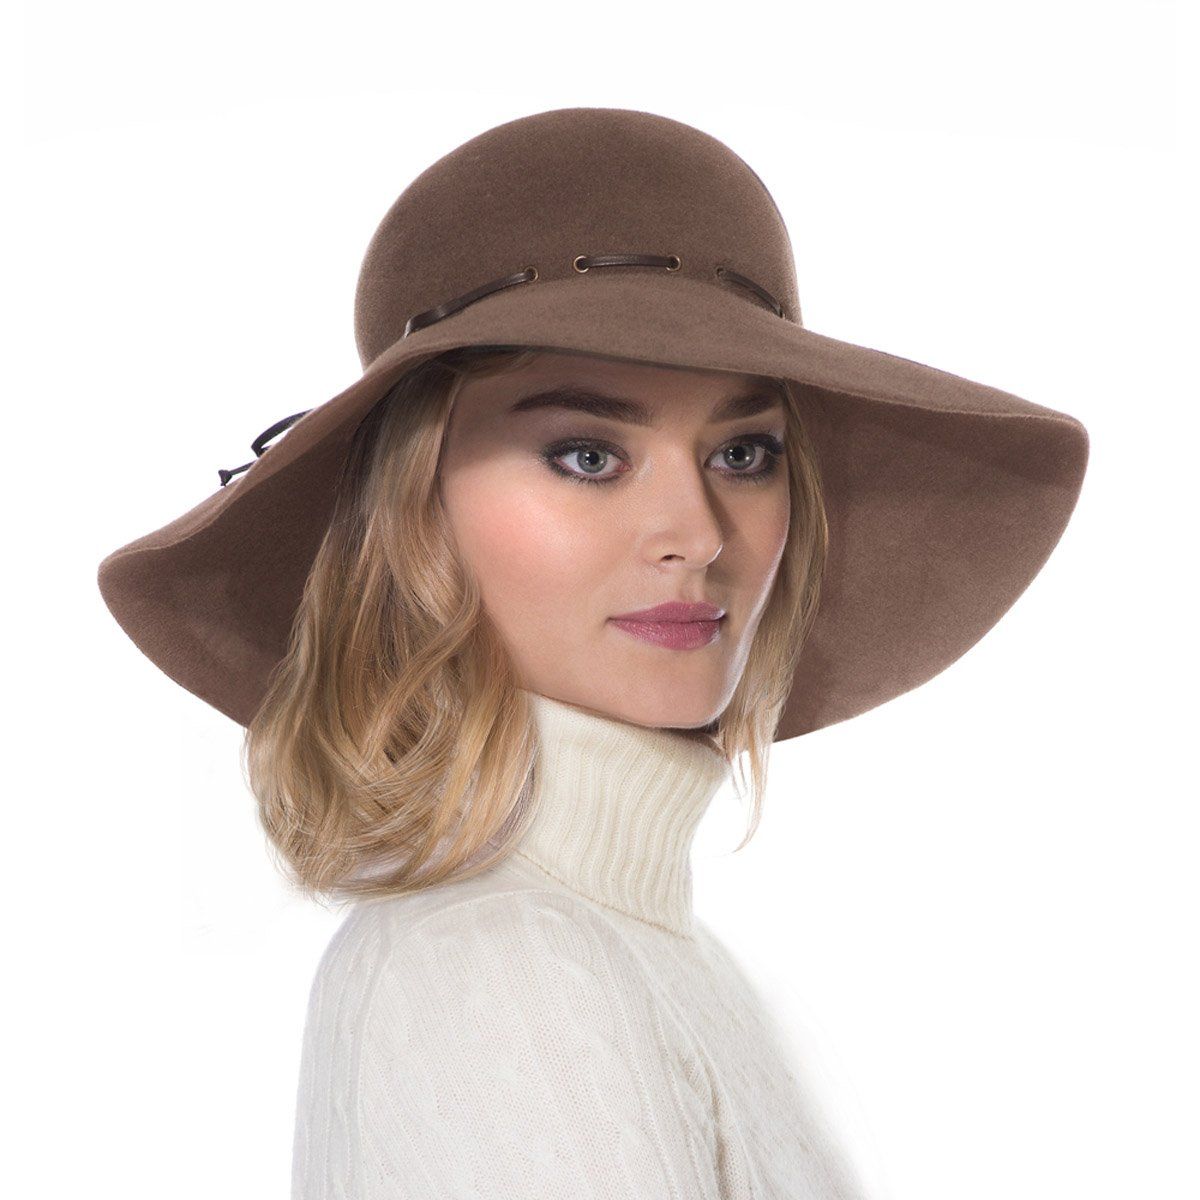 Eric Javits Luxury Fashion Designer Women's Headwear Hat - Victoria - Mink by Eric Javits